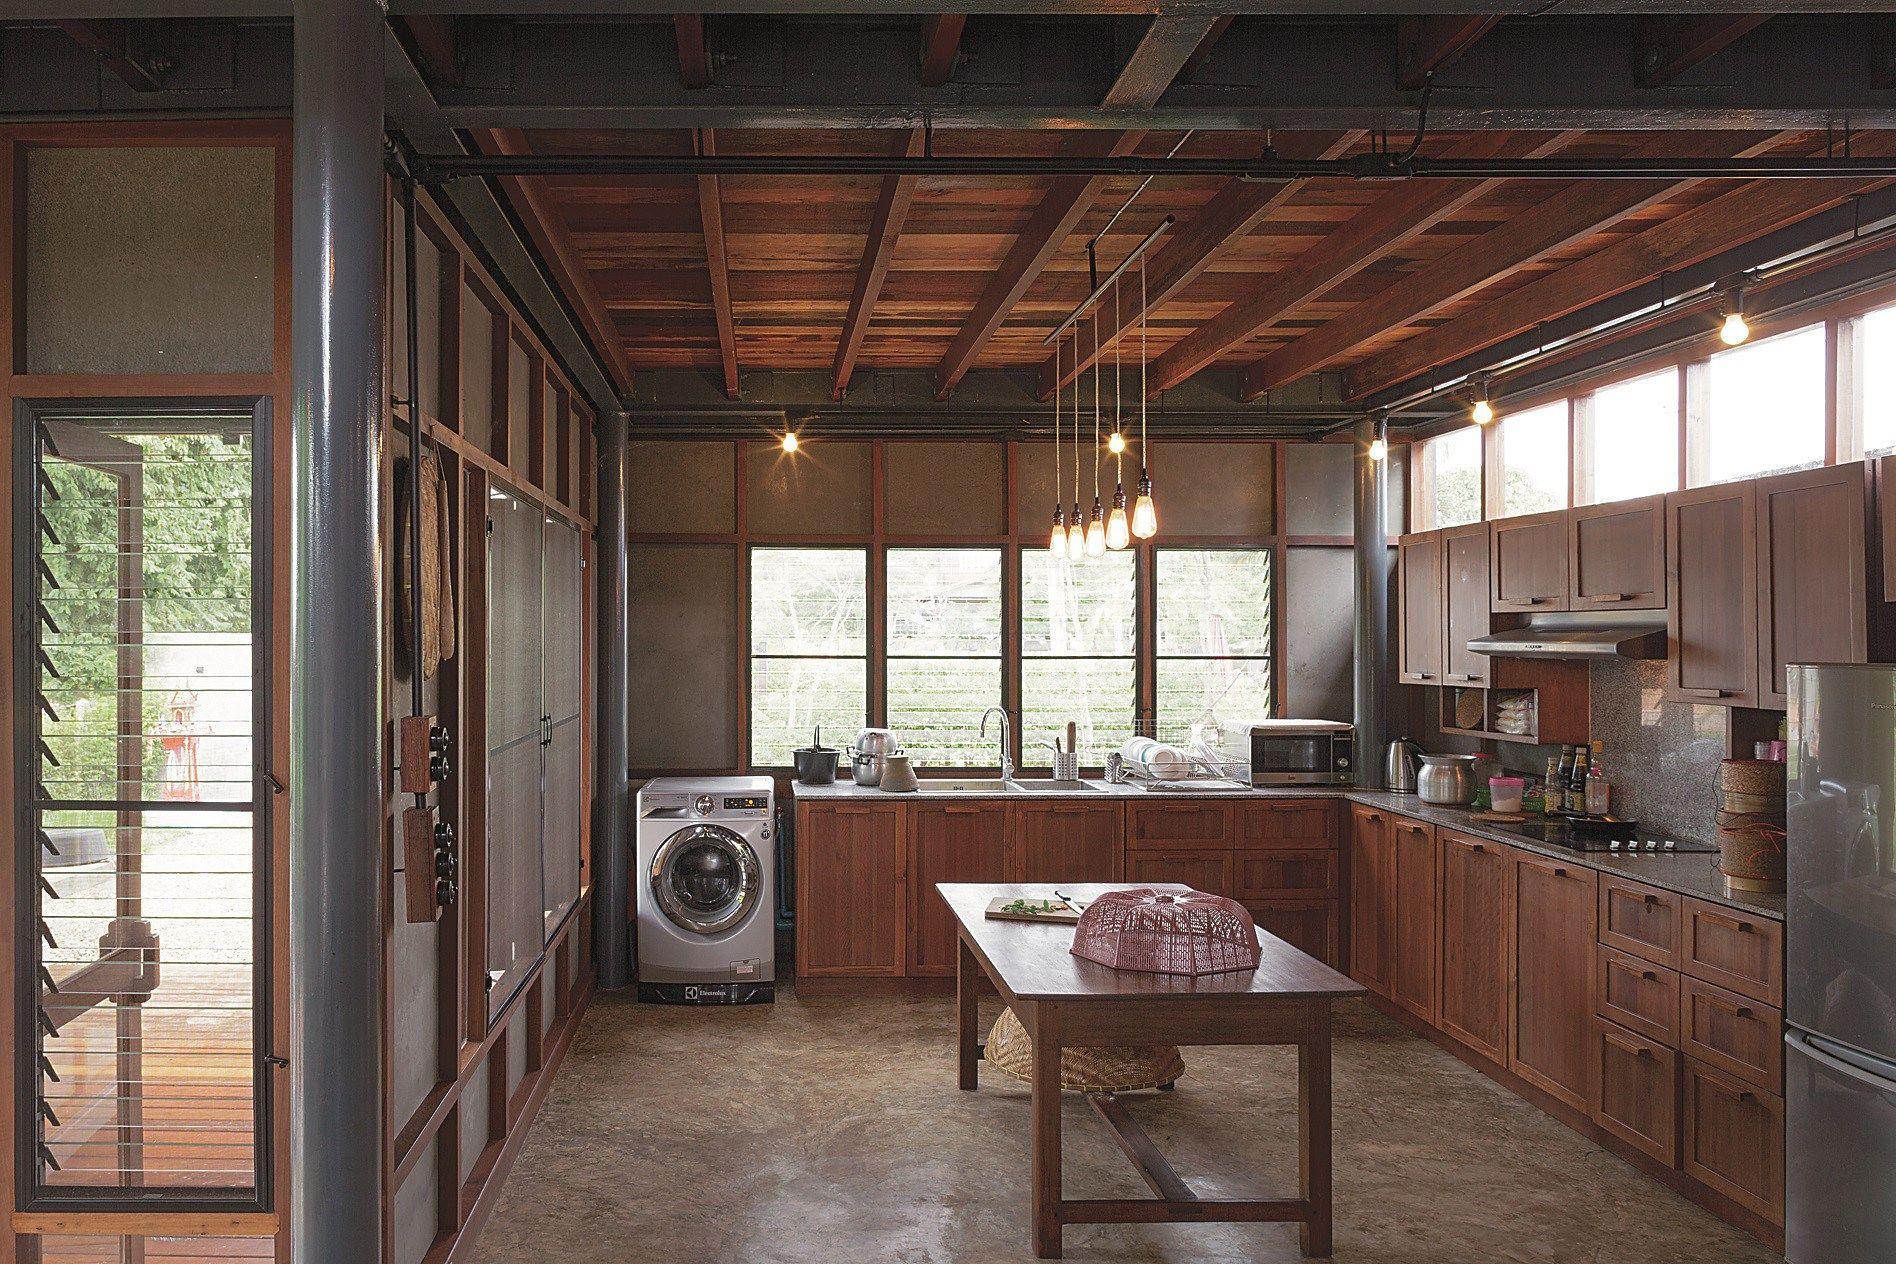 ห้องครัวแบบบ้าน ๆ แต่ประสานความสะดวกในการใช้สอยไว้ได้ดี | asian